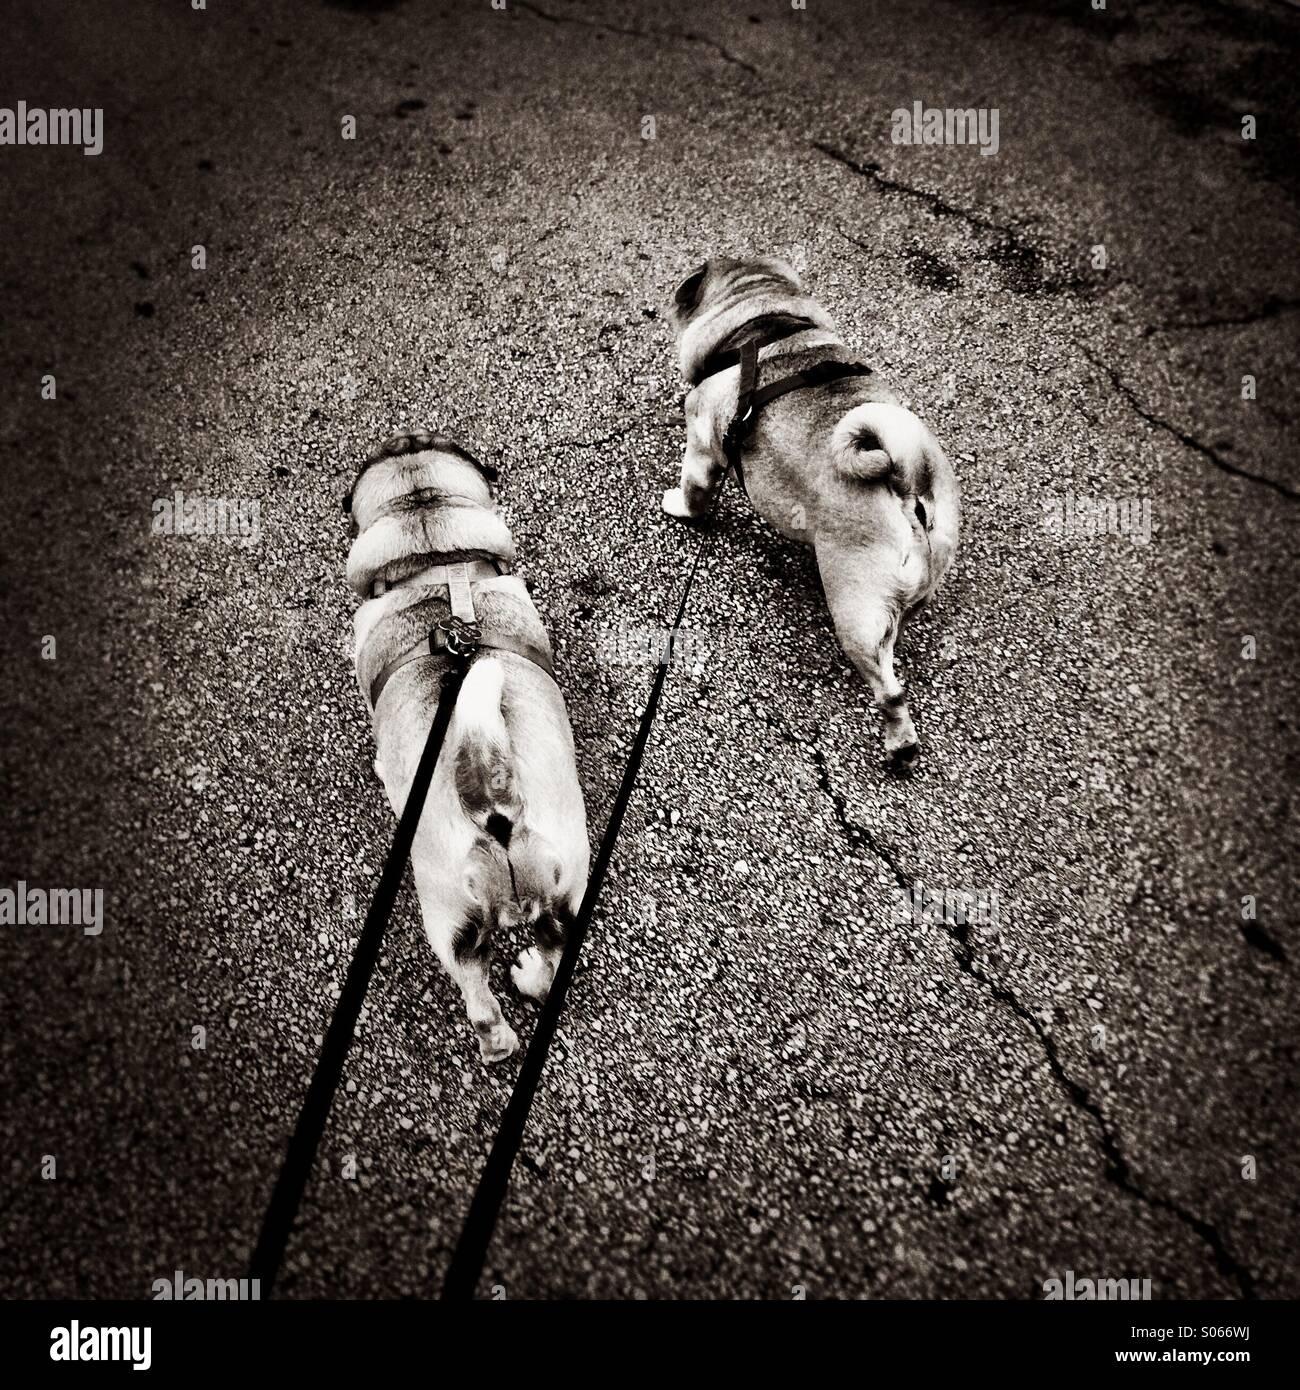 Walking two pugs. - Stock Image